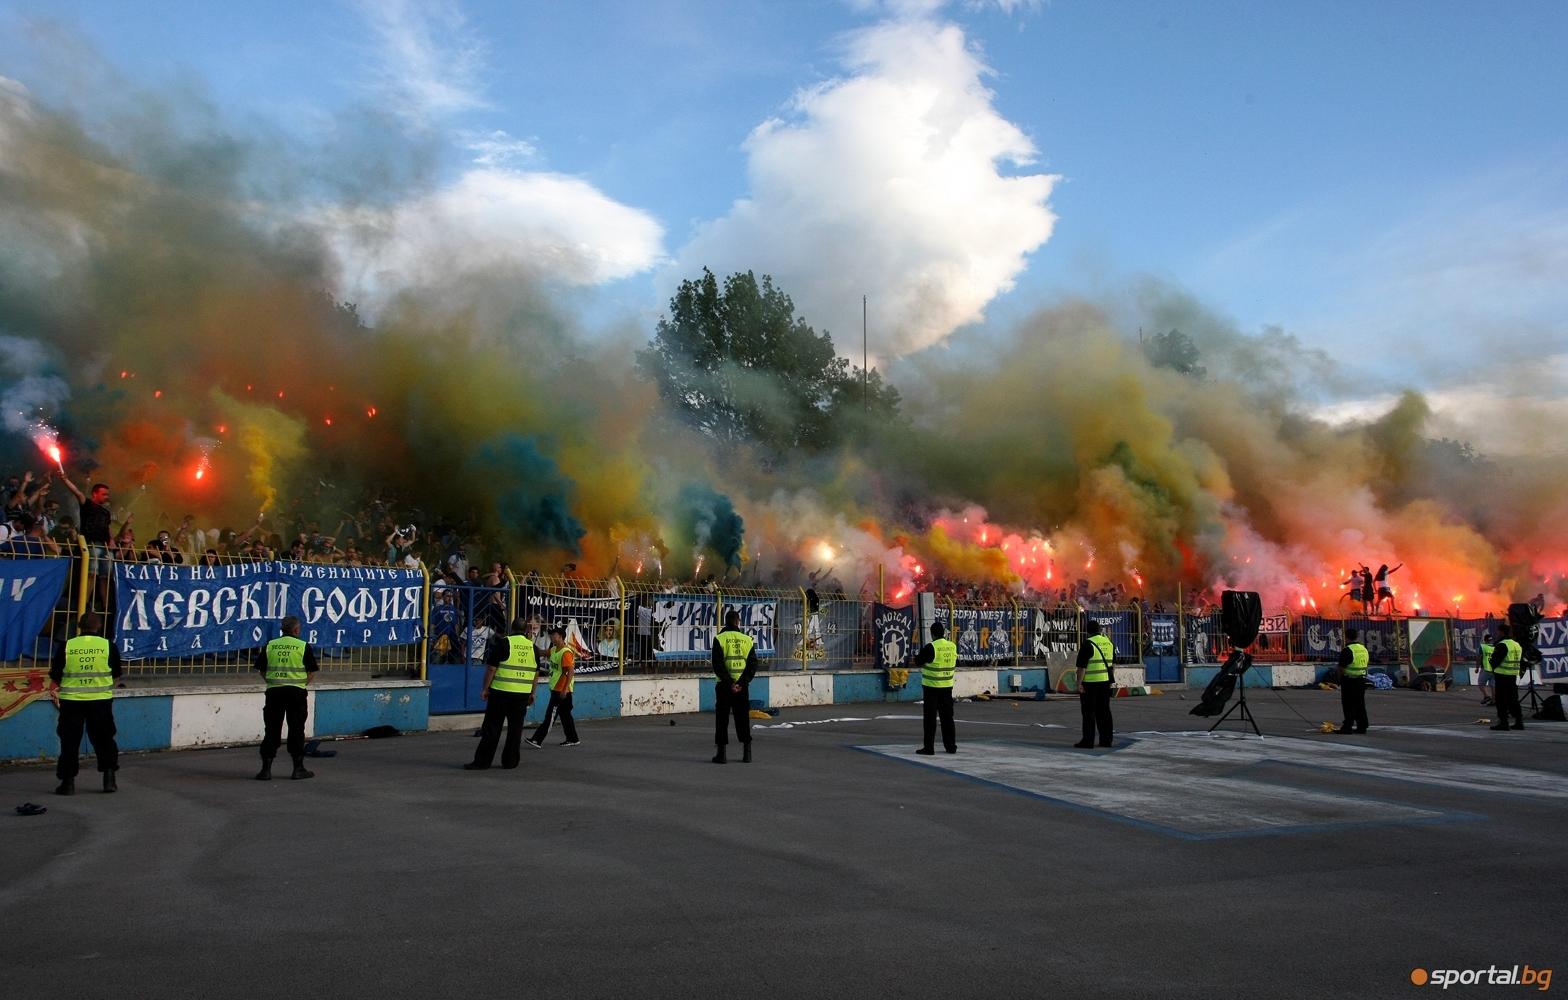 ПФК Левски отбелязва днес, 10 март, 57-та годишнина от откриването